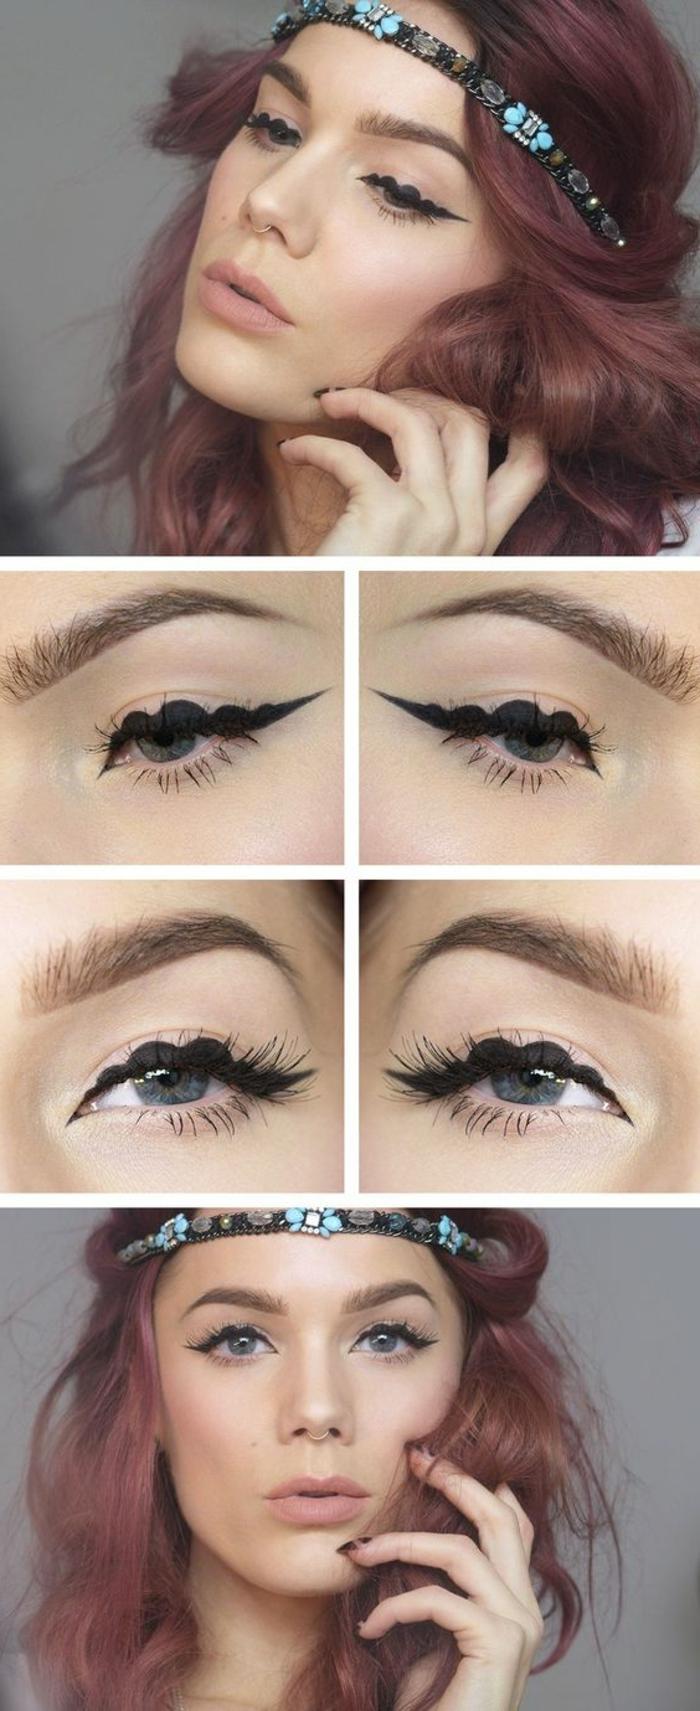 tutoriel maquillage comment se maquiller avec les yeux entourés de motifs dentelle noire look remarquable